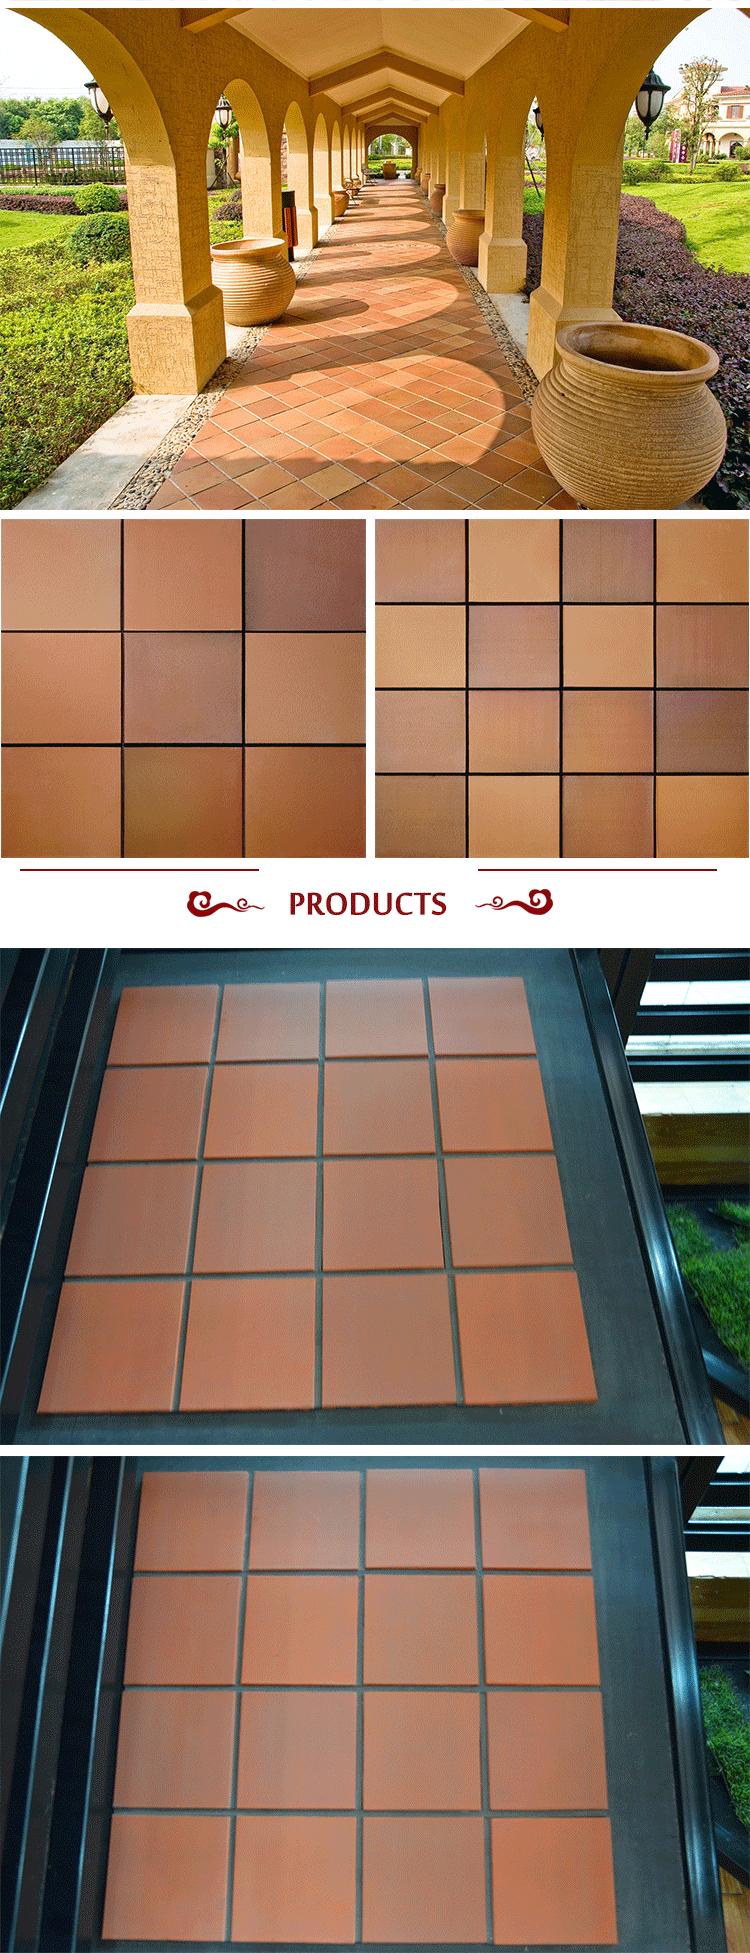 Carrelage exterieur couleur brique les 25 meilleures id for Carrelage exterieur rouge